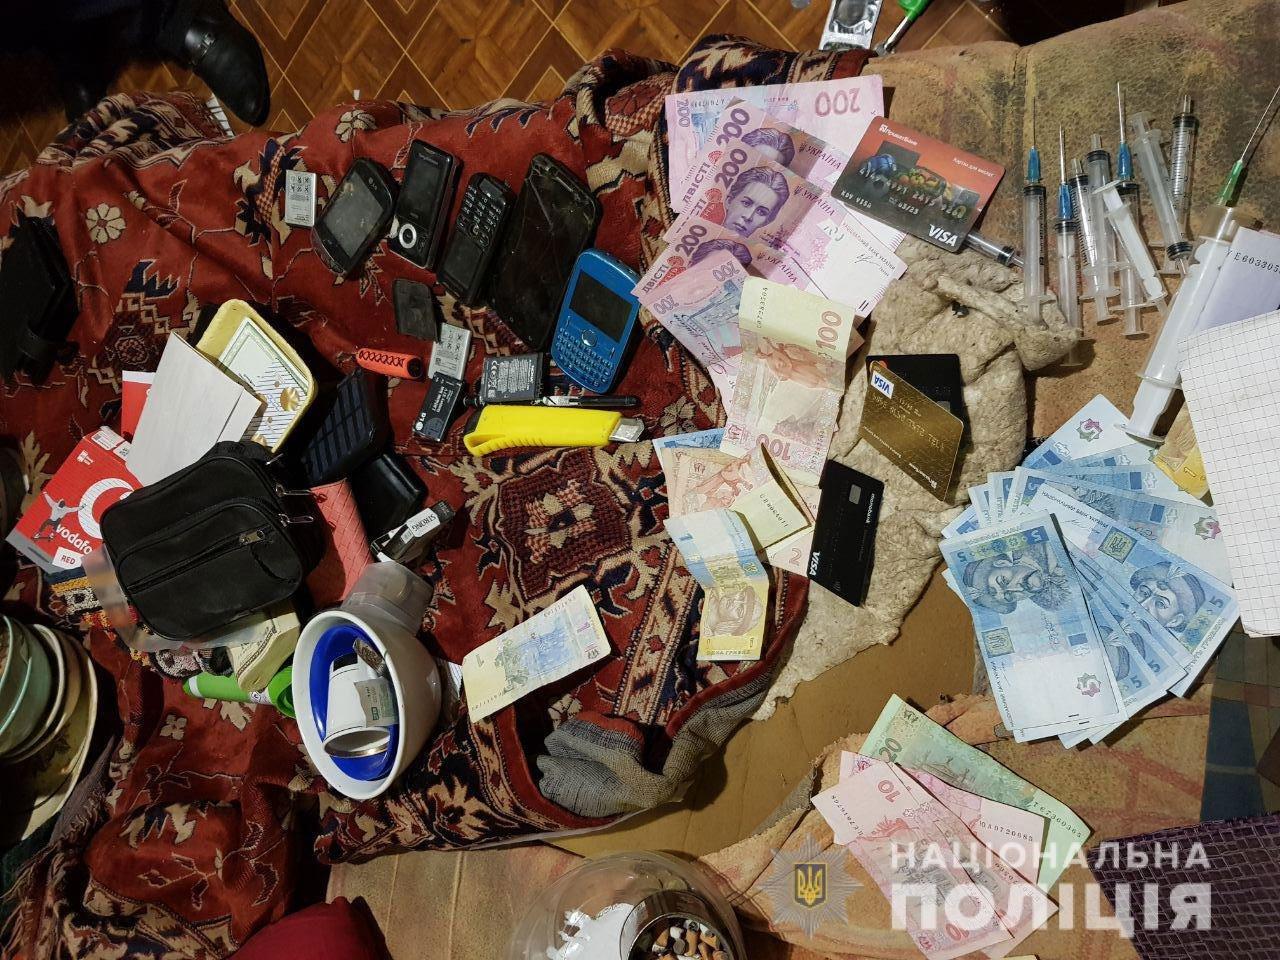 В Днепропетровской области раскрыли преступную группировку наркоторговцев, - ФОТО, ВИДЕО, фото-1